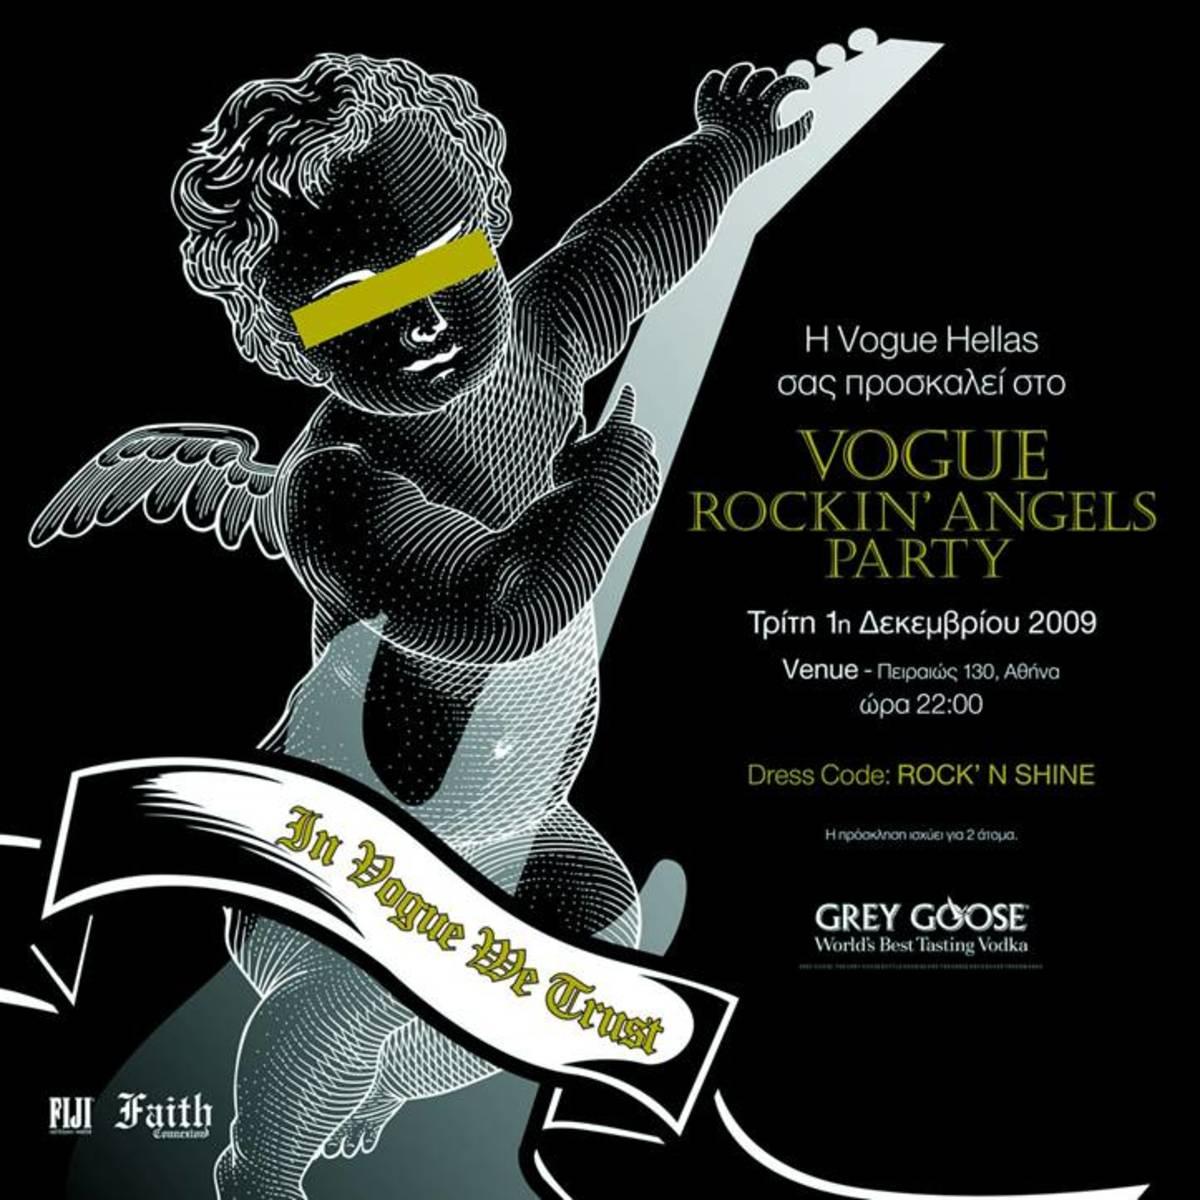 Σήμερα το λαμπερό πάρτι της Vogue!   Newsit.gr